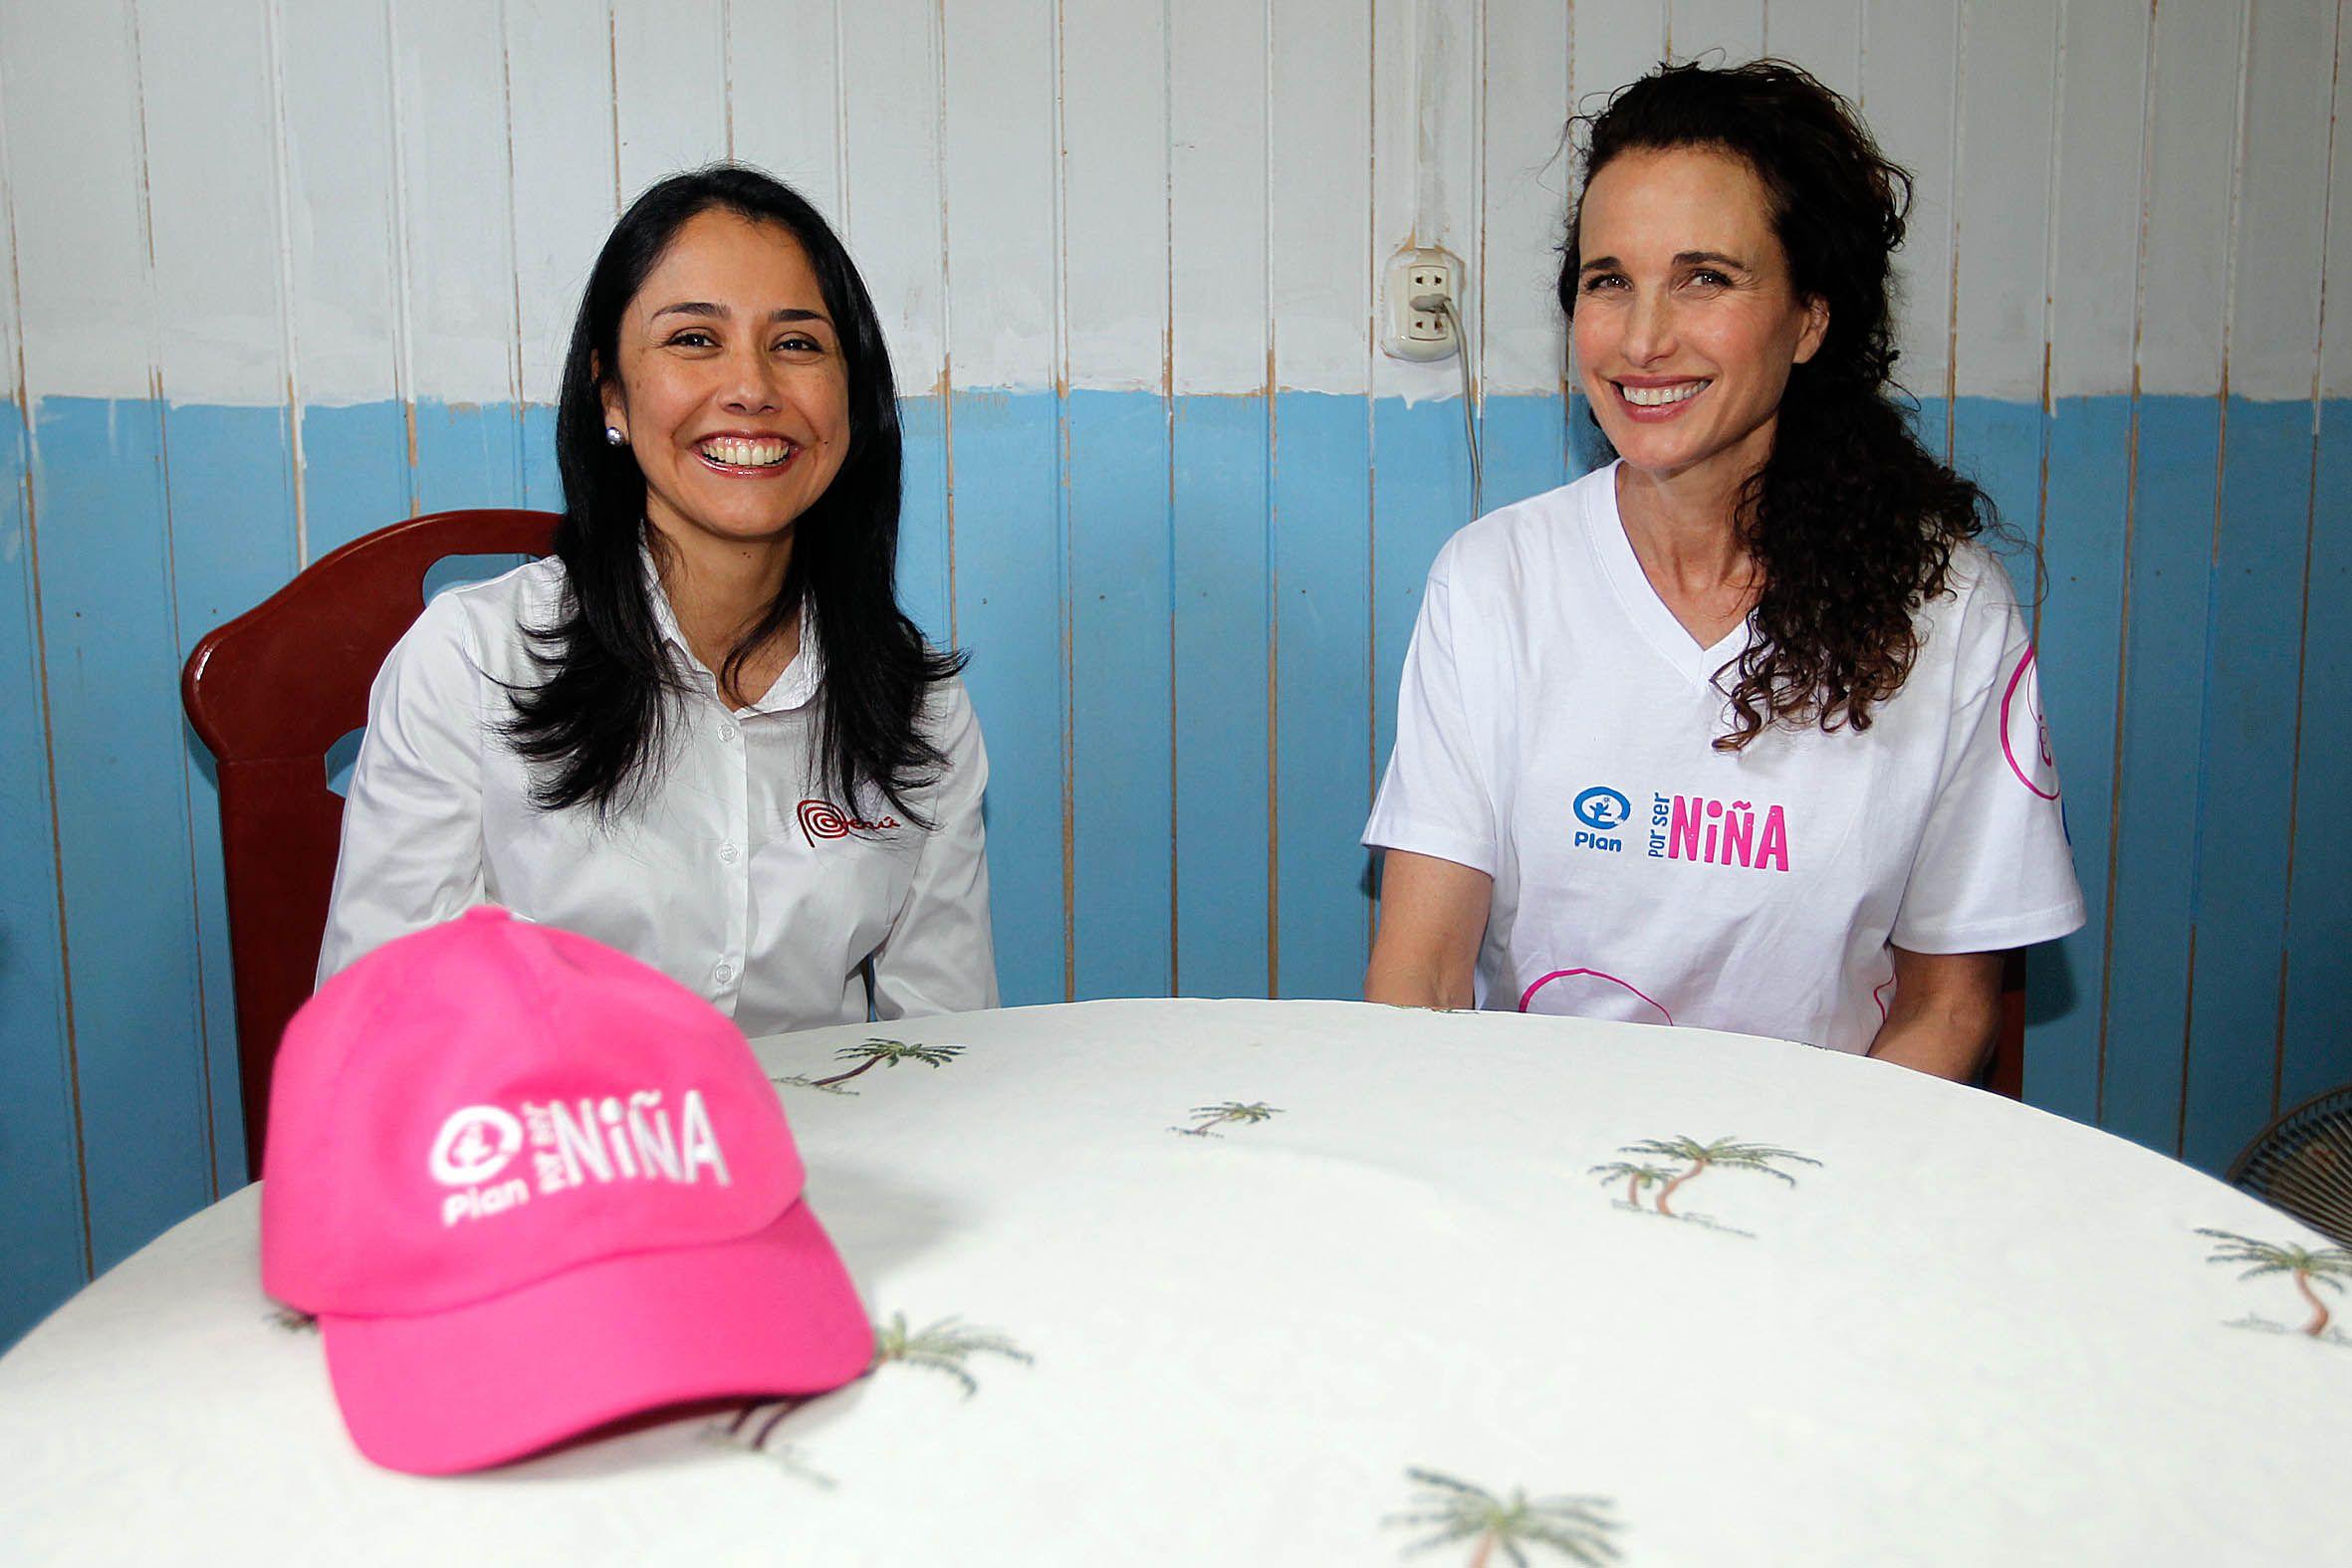 """La primera Dama de Perú, Nadine Heredia con la churra actriz de """"Cuatro bodas y un funeral"""", Andy McDowell en un evento por el día de la niña en las afueras de Lima. (2)"""